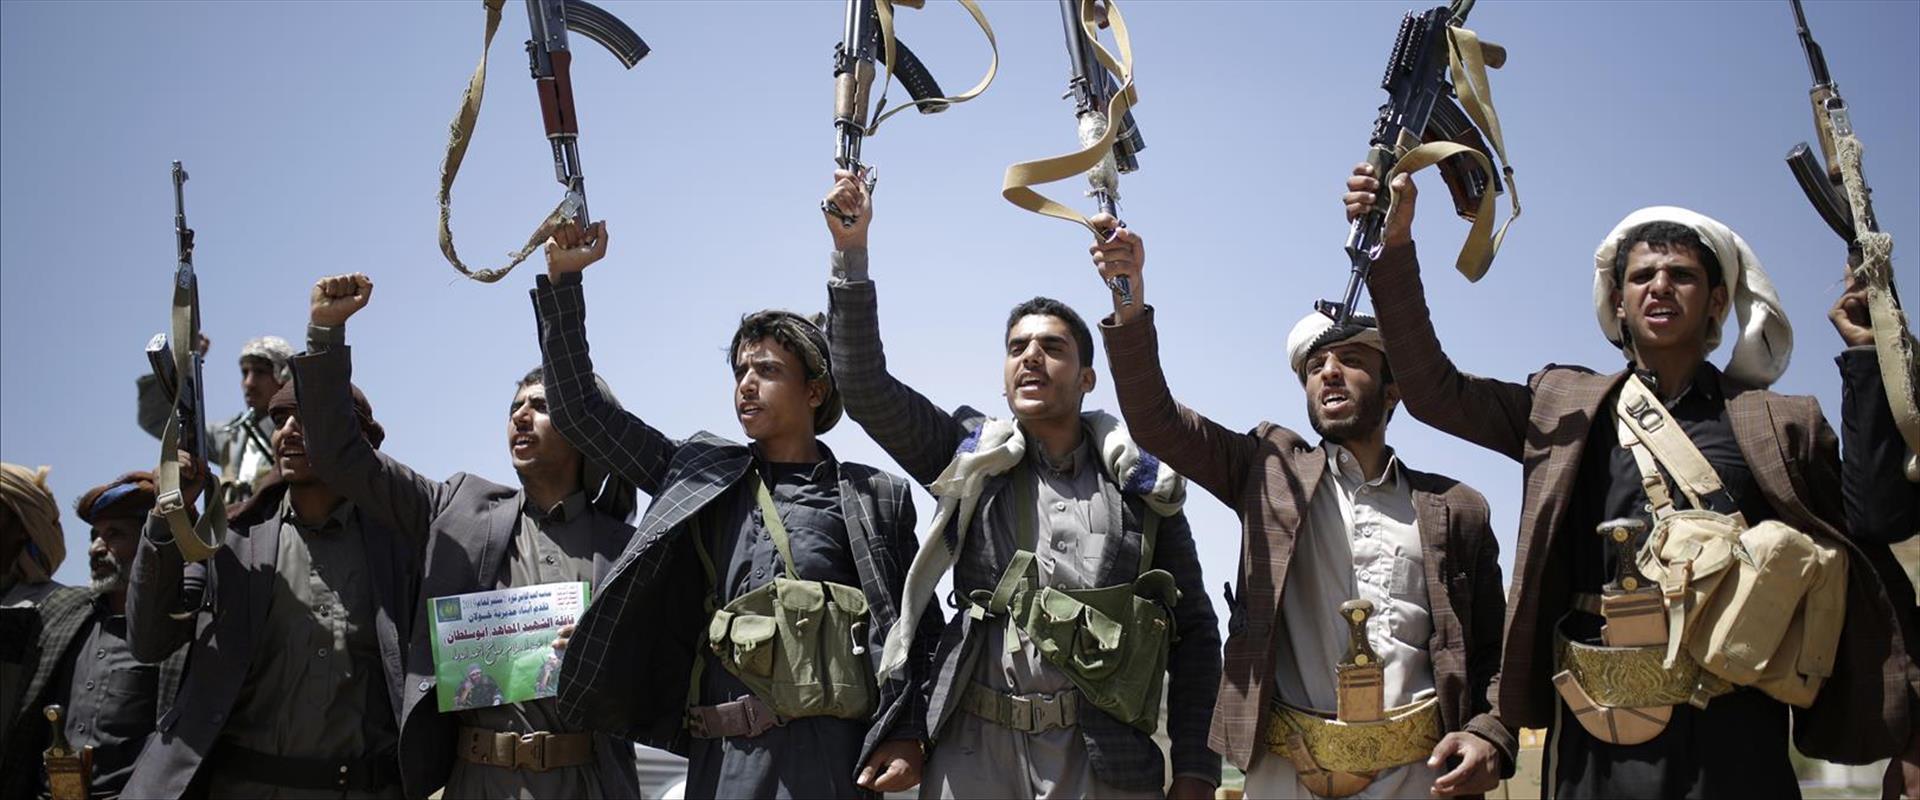 מורדים חות'ים בתימן, בשבוע שעבר